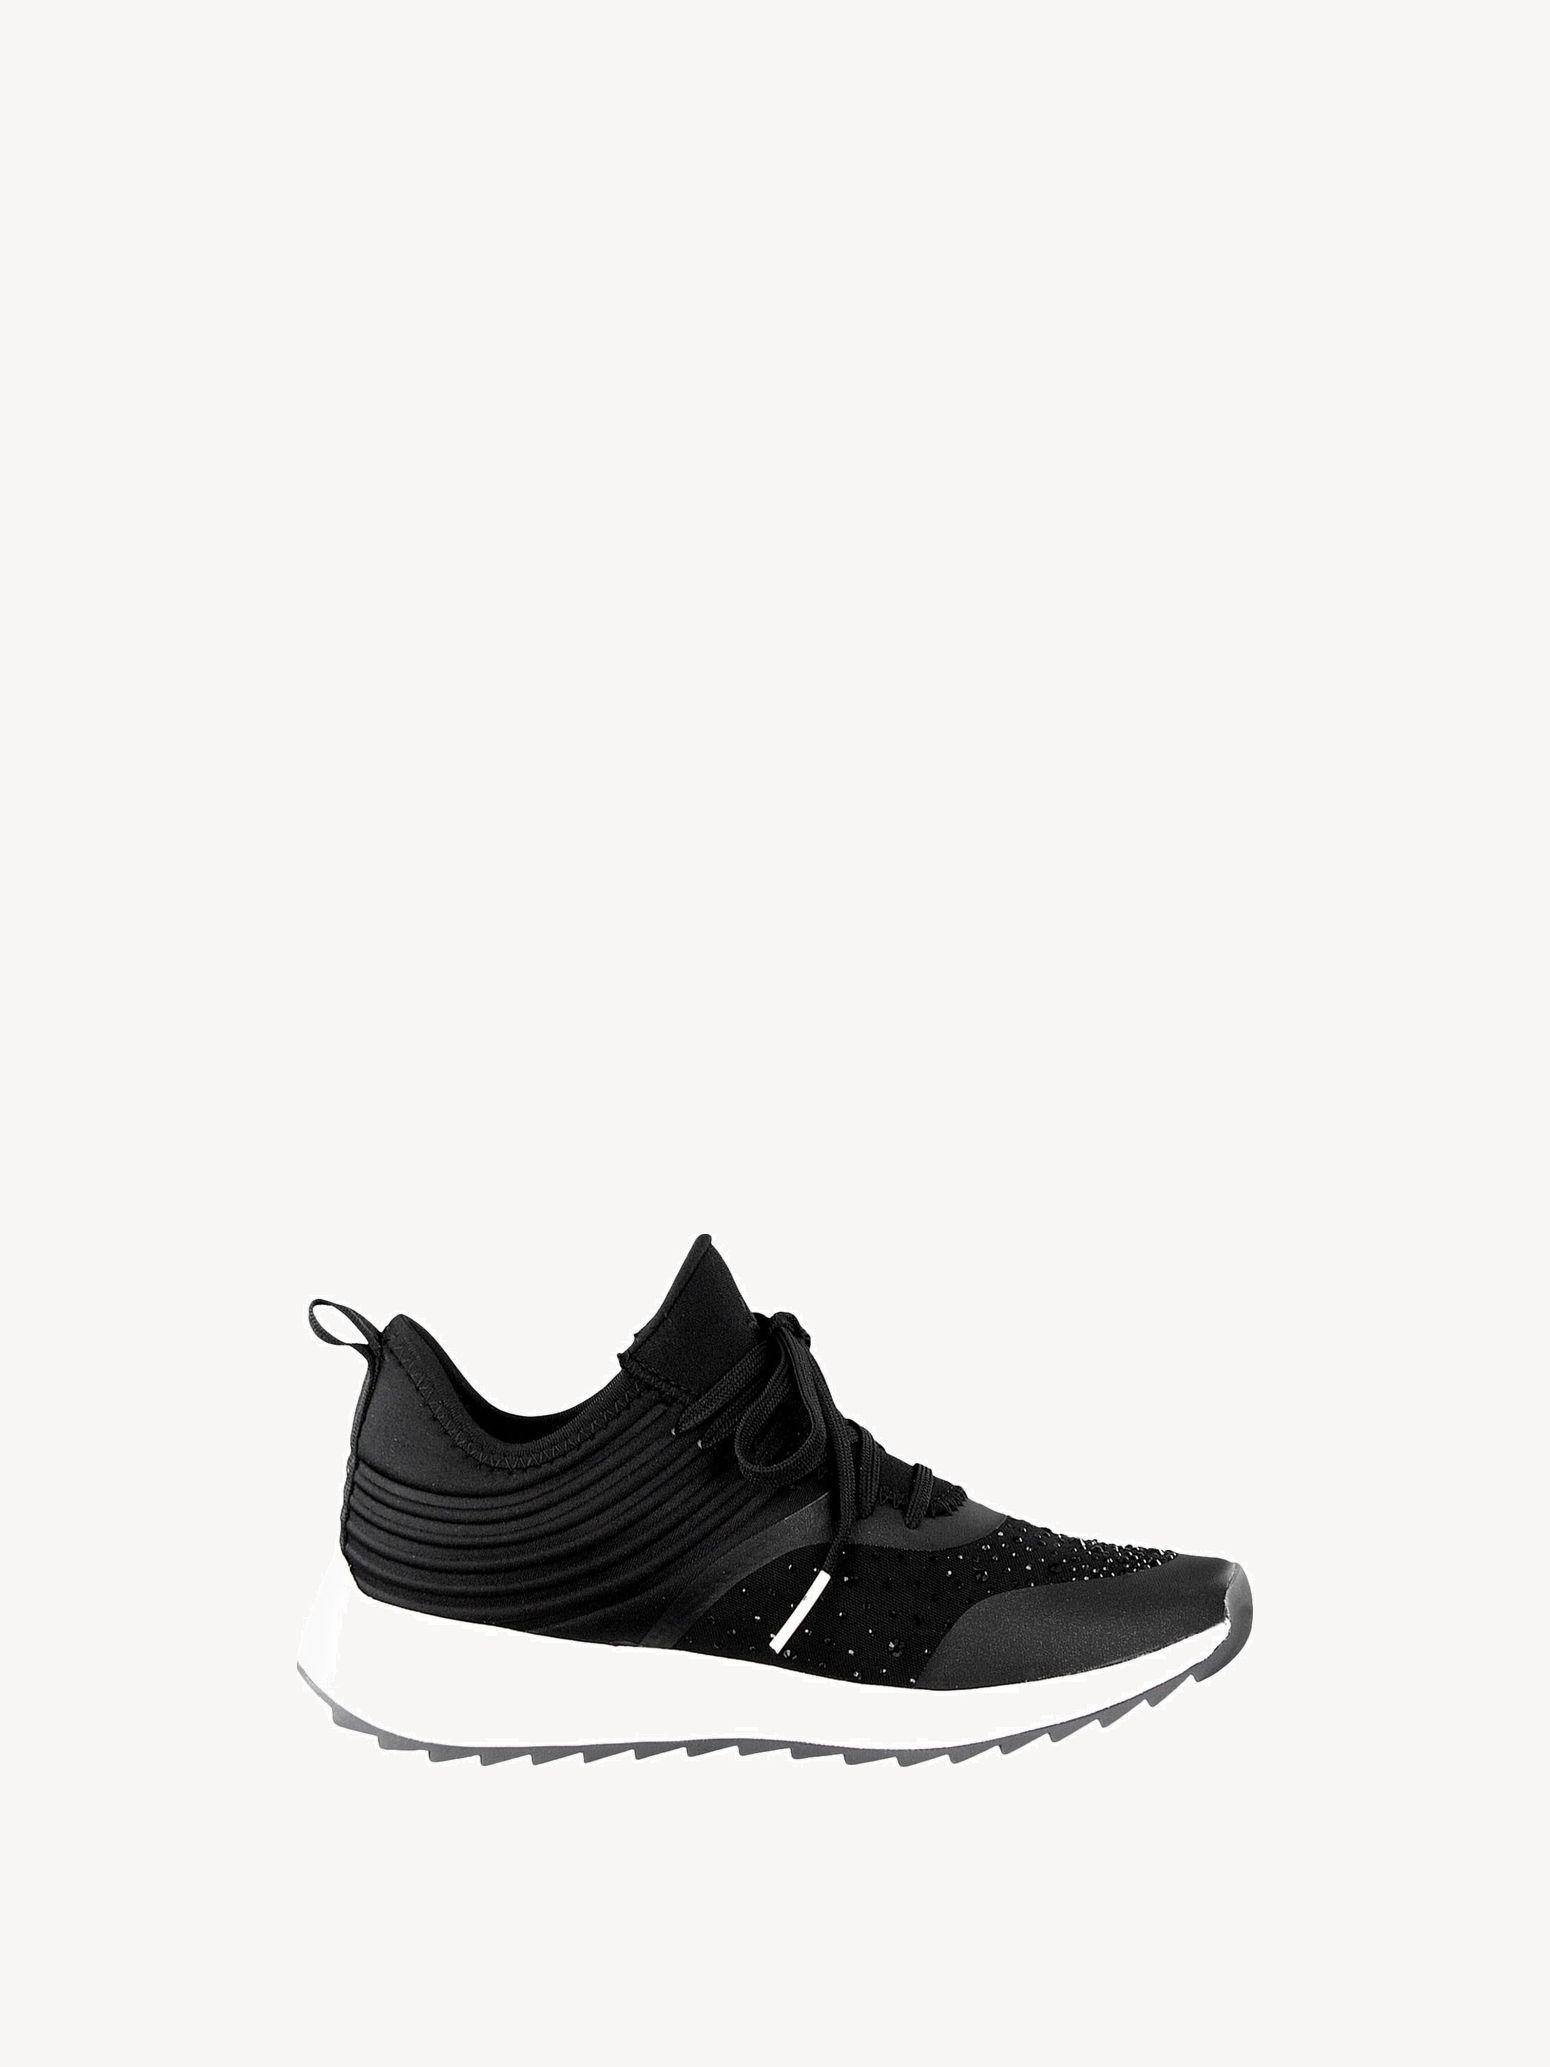 Tamaris 23707 23 Shoes Black